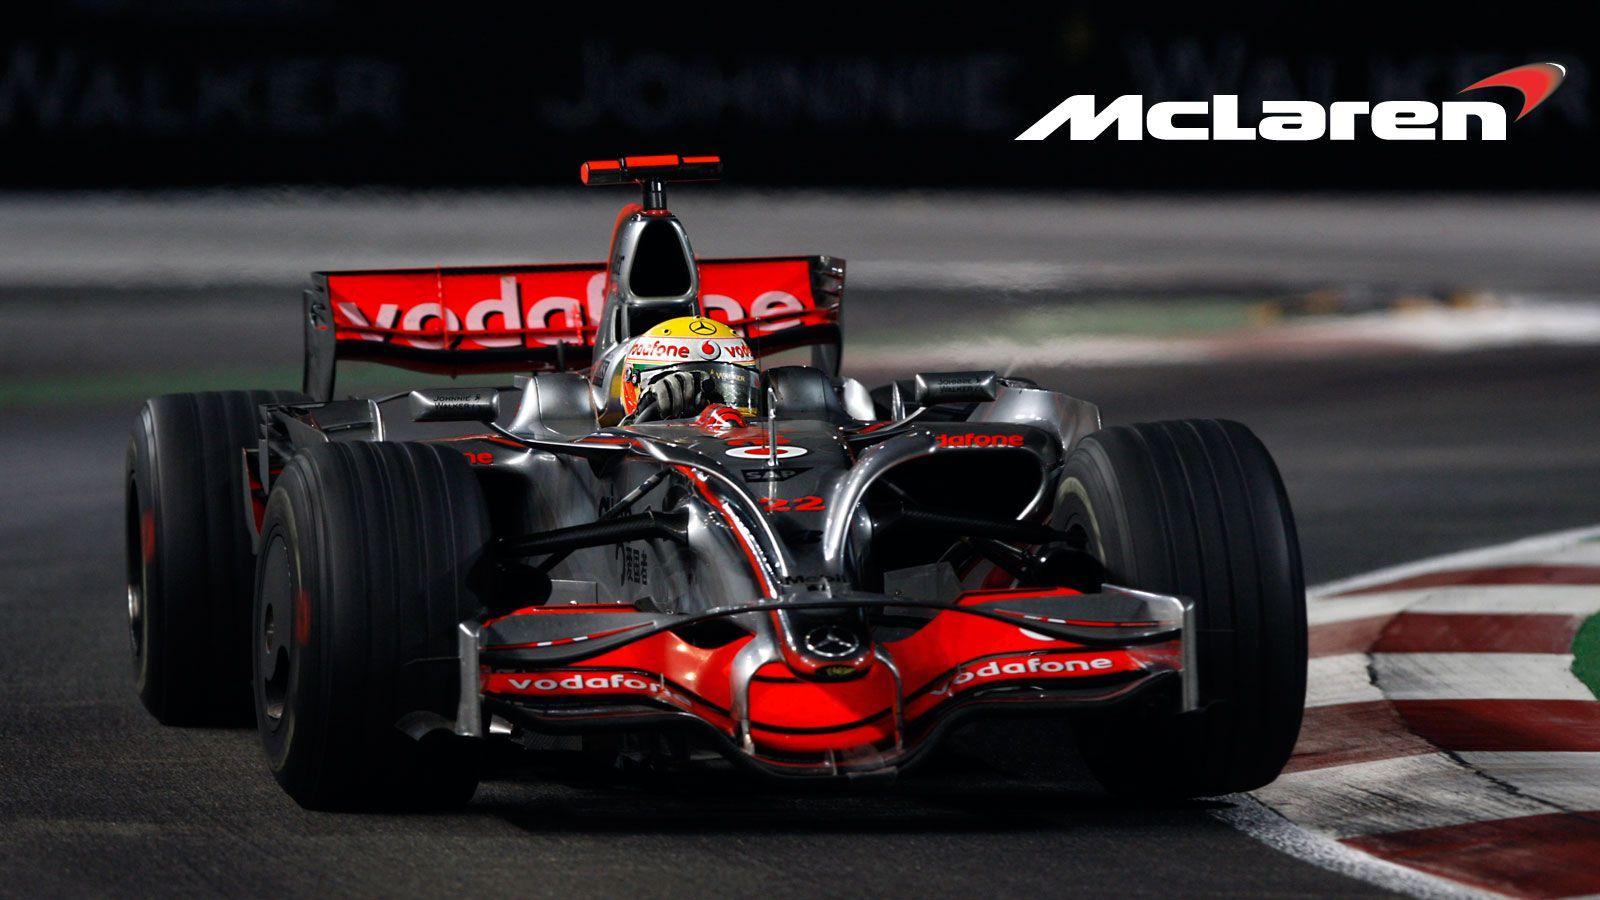 Mclaren Formula 1 Wallpapers WeNeedFun 1600x900